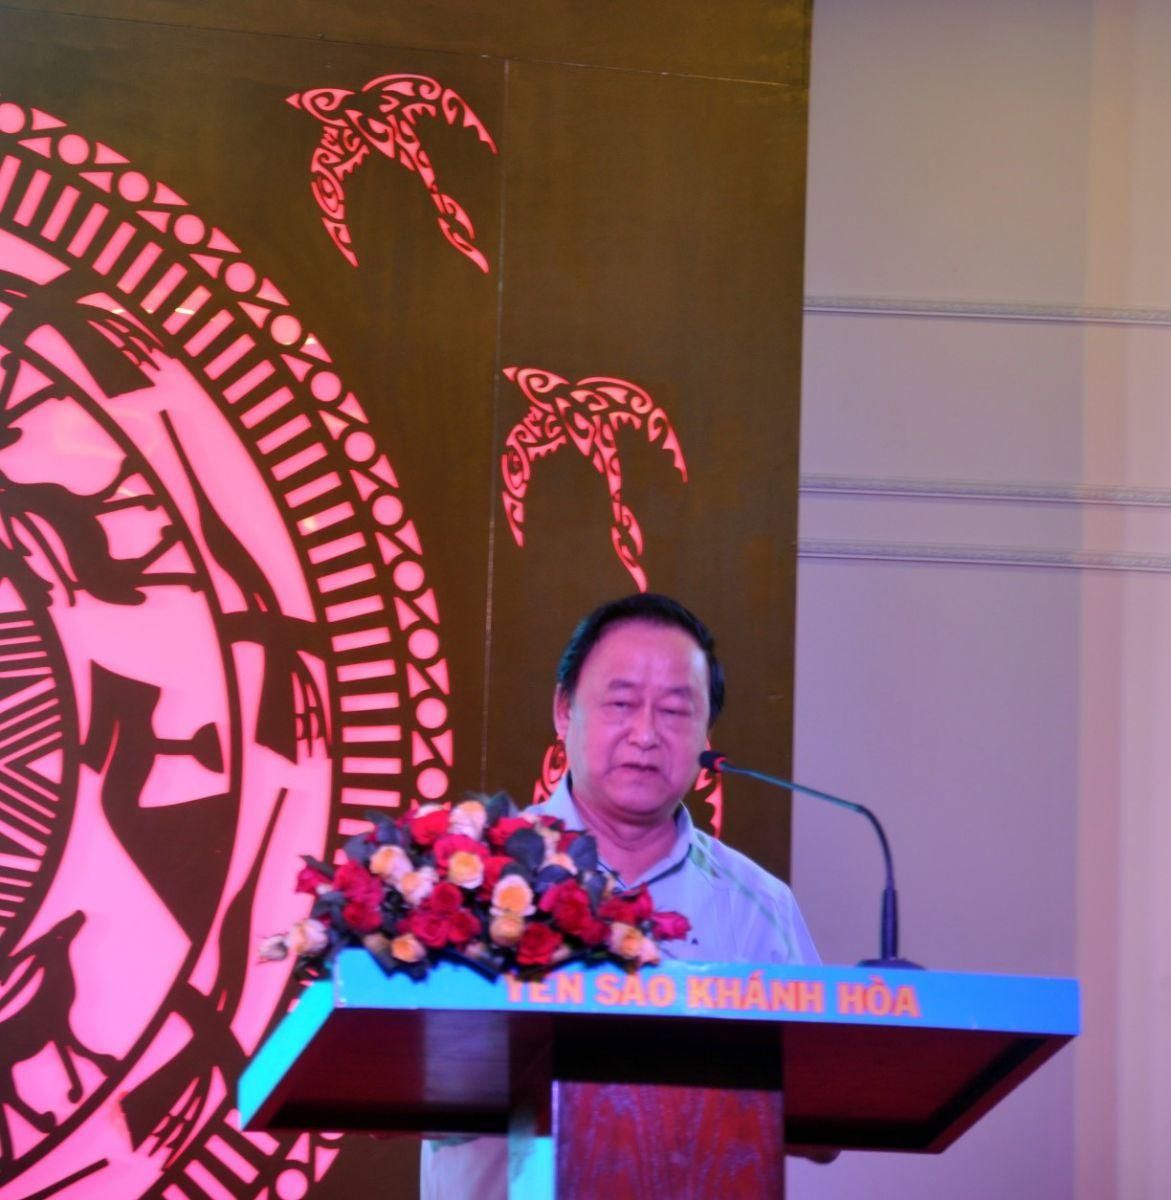 Giáo Sư Nguyễn Lân Hùng phát biểu về nghề nuôi chim yến tại Việt Nam